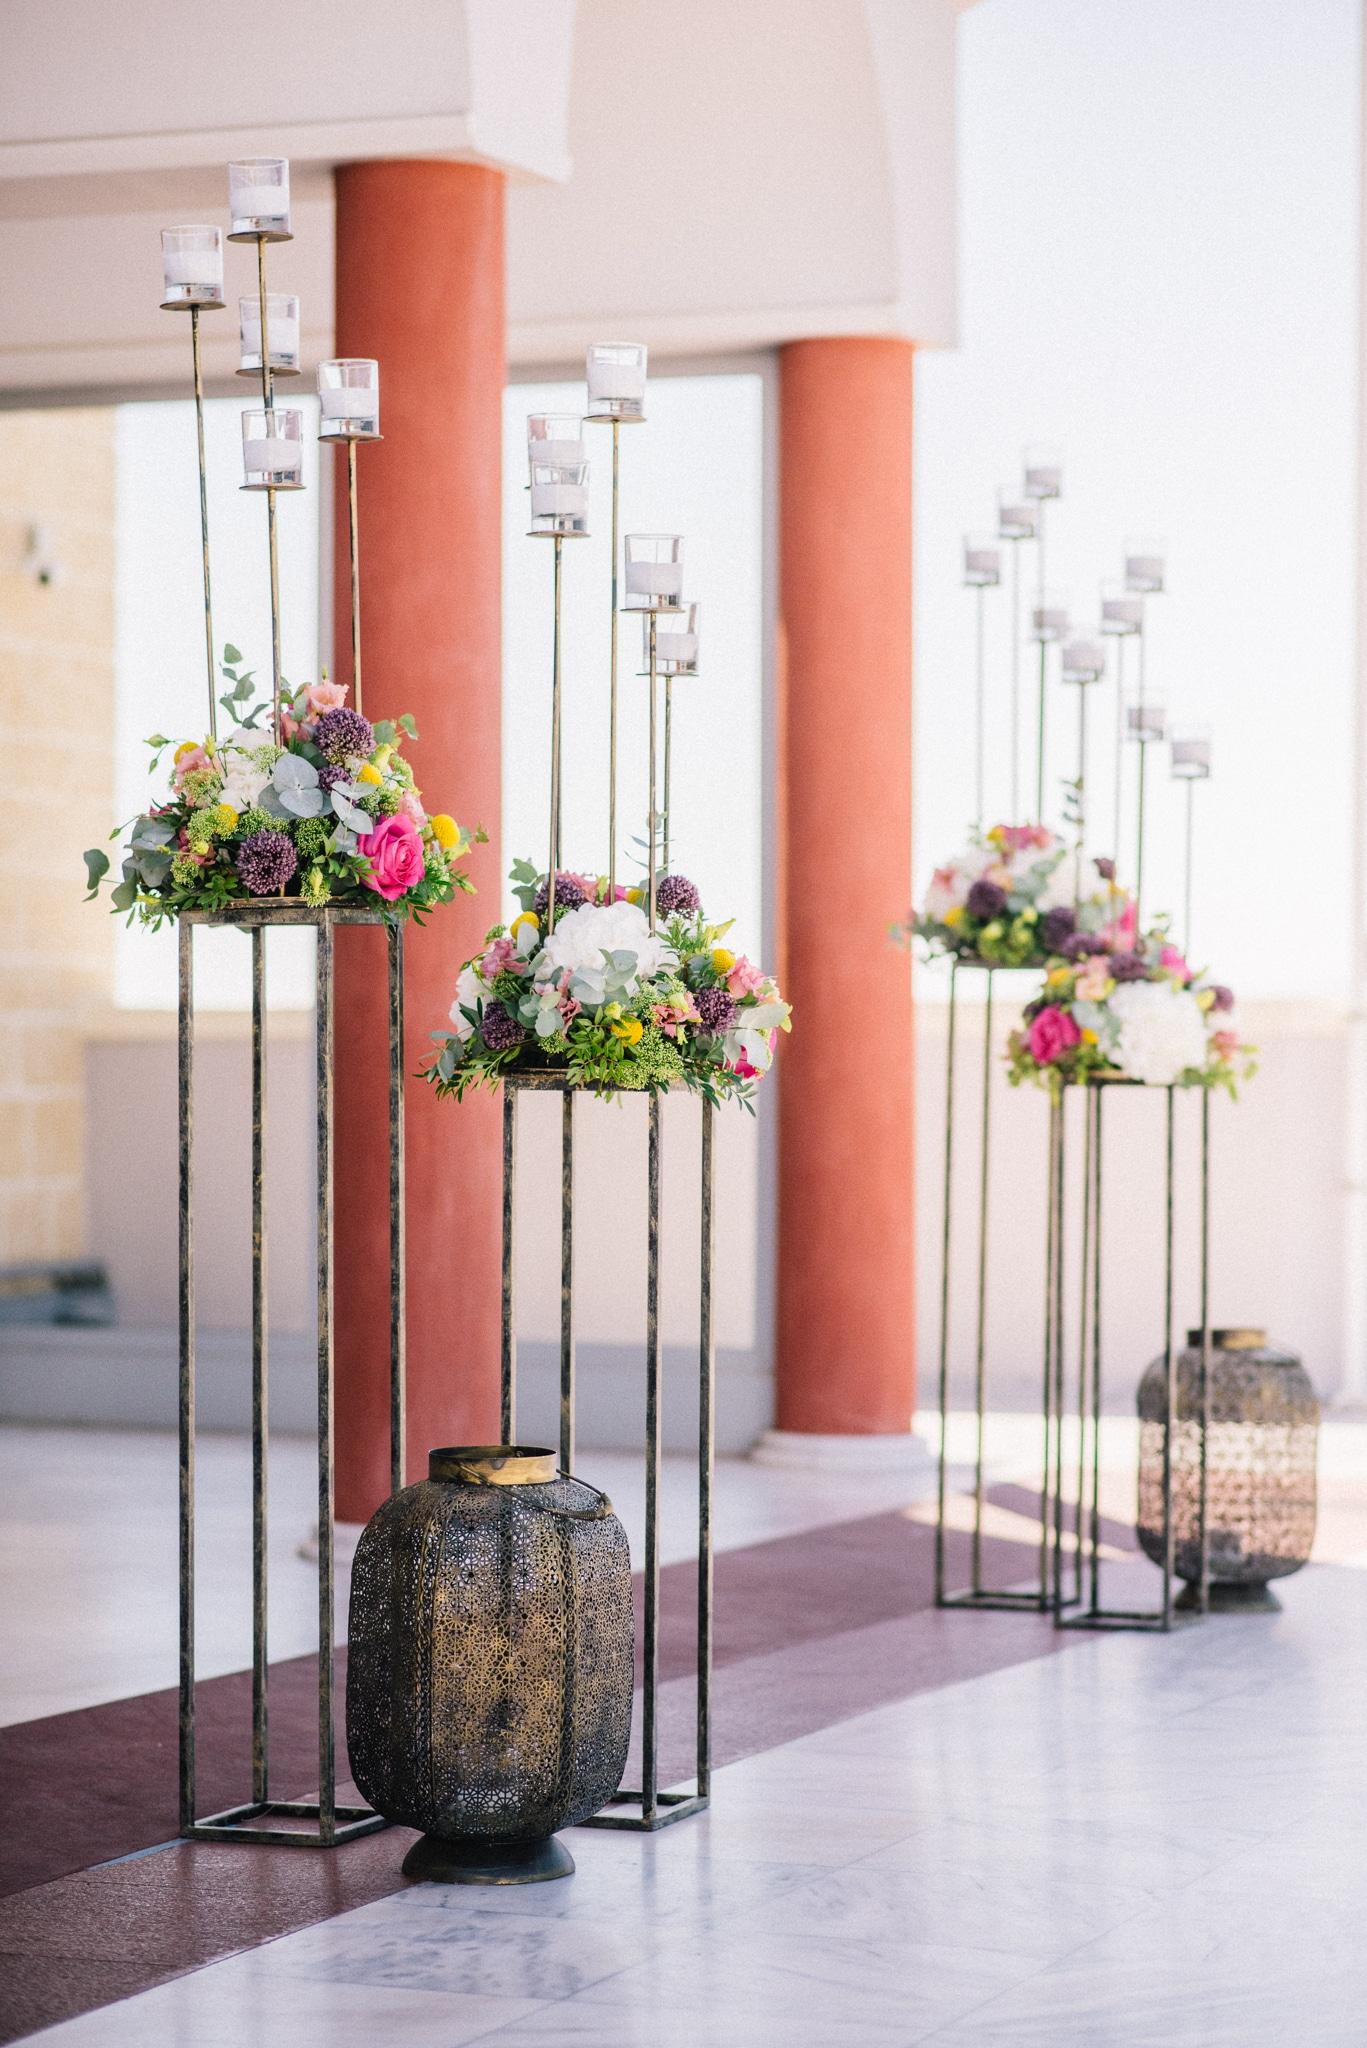 Υπέροχος στολισμός εκκλησίας με ψηλά stand και φρέσκα λουλούδια